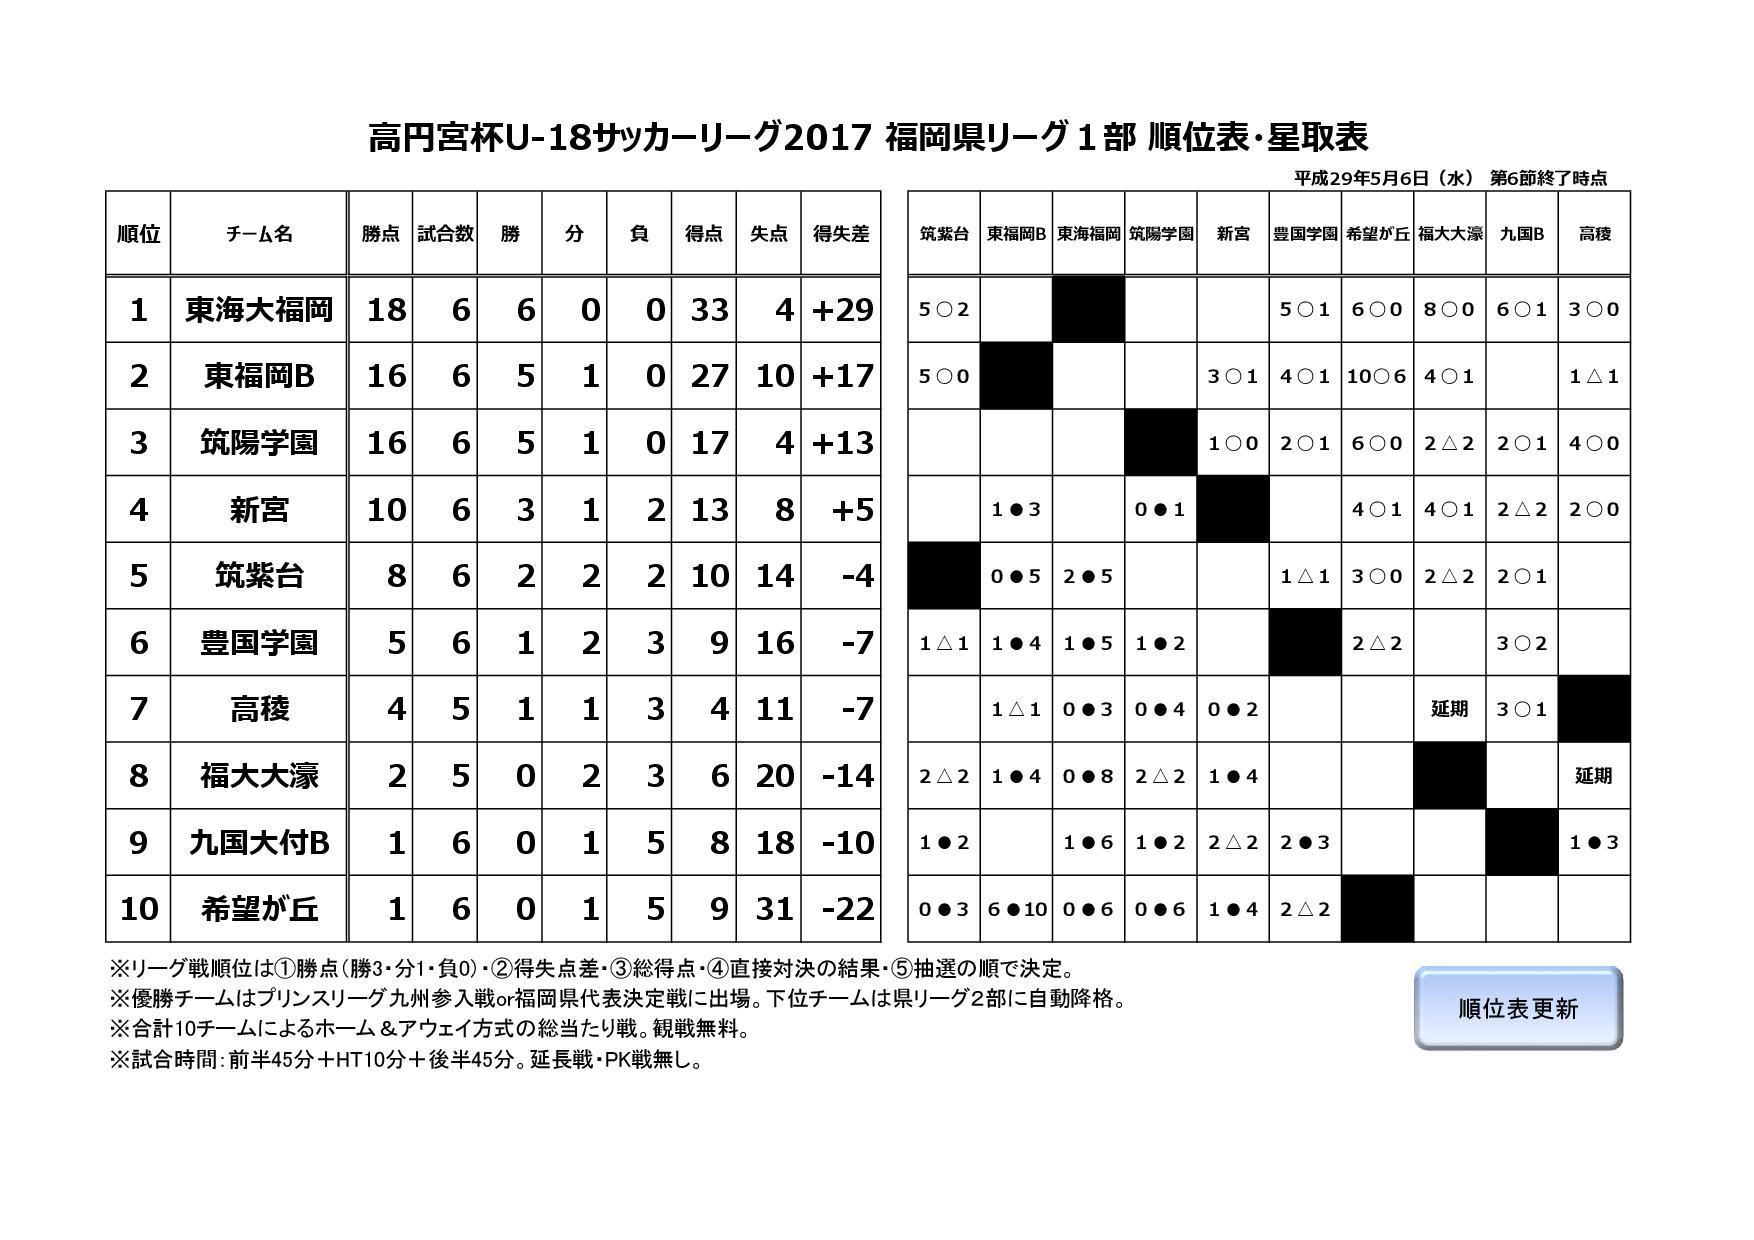 2017年度福岡県ユースサッカーリーグ1部